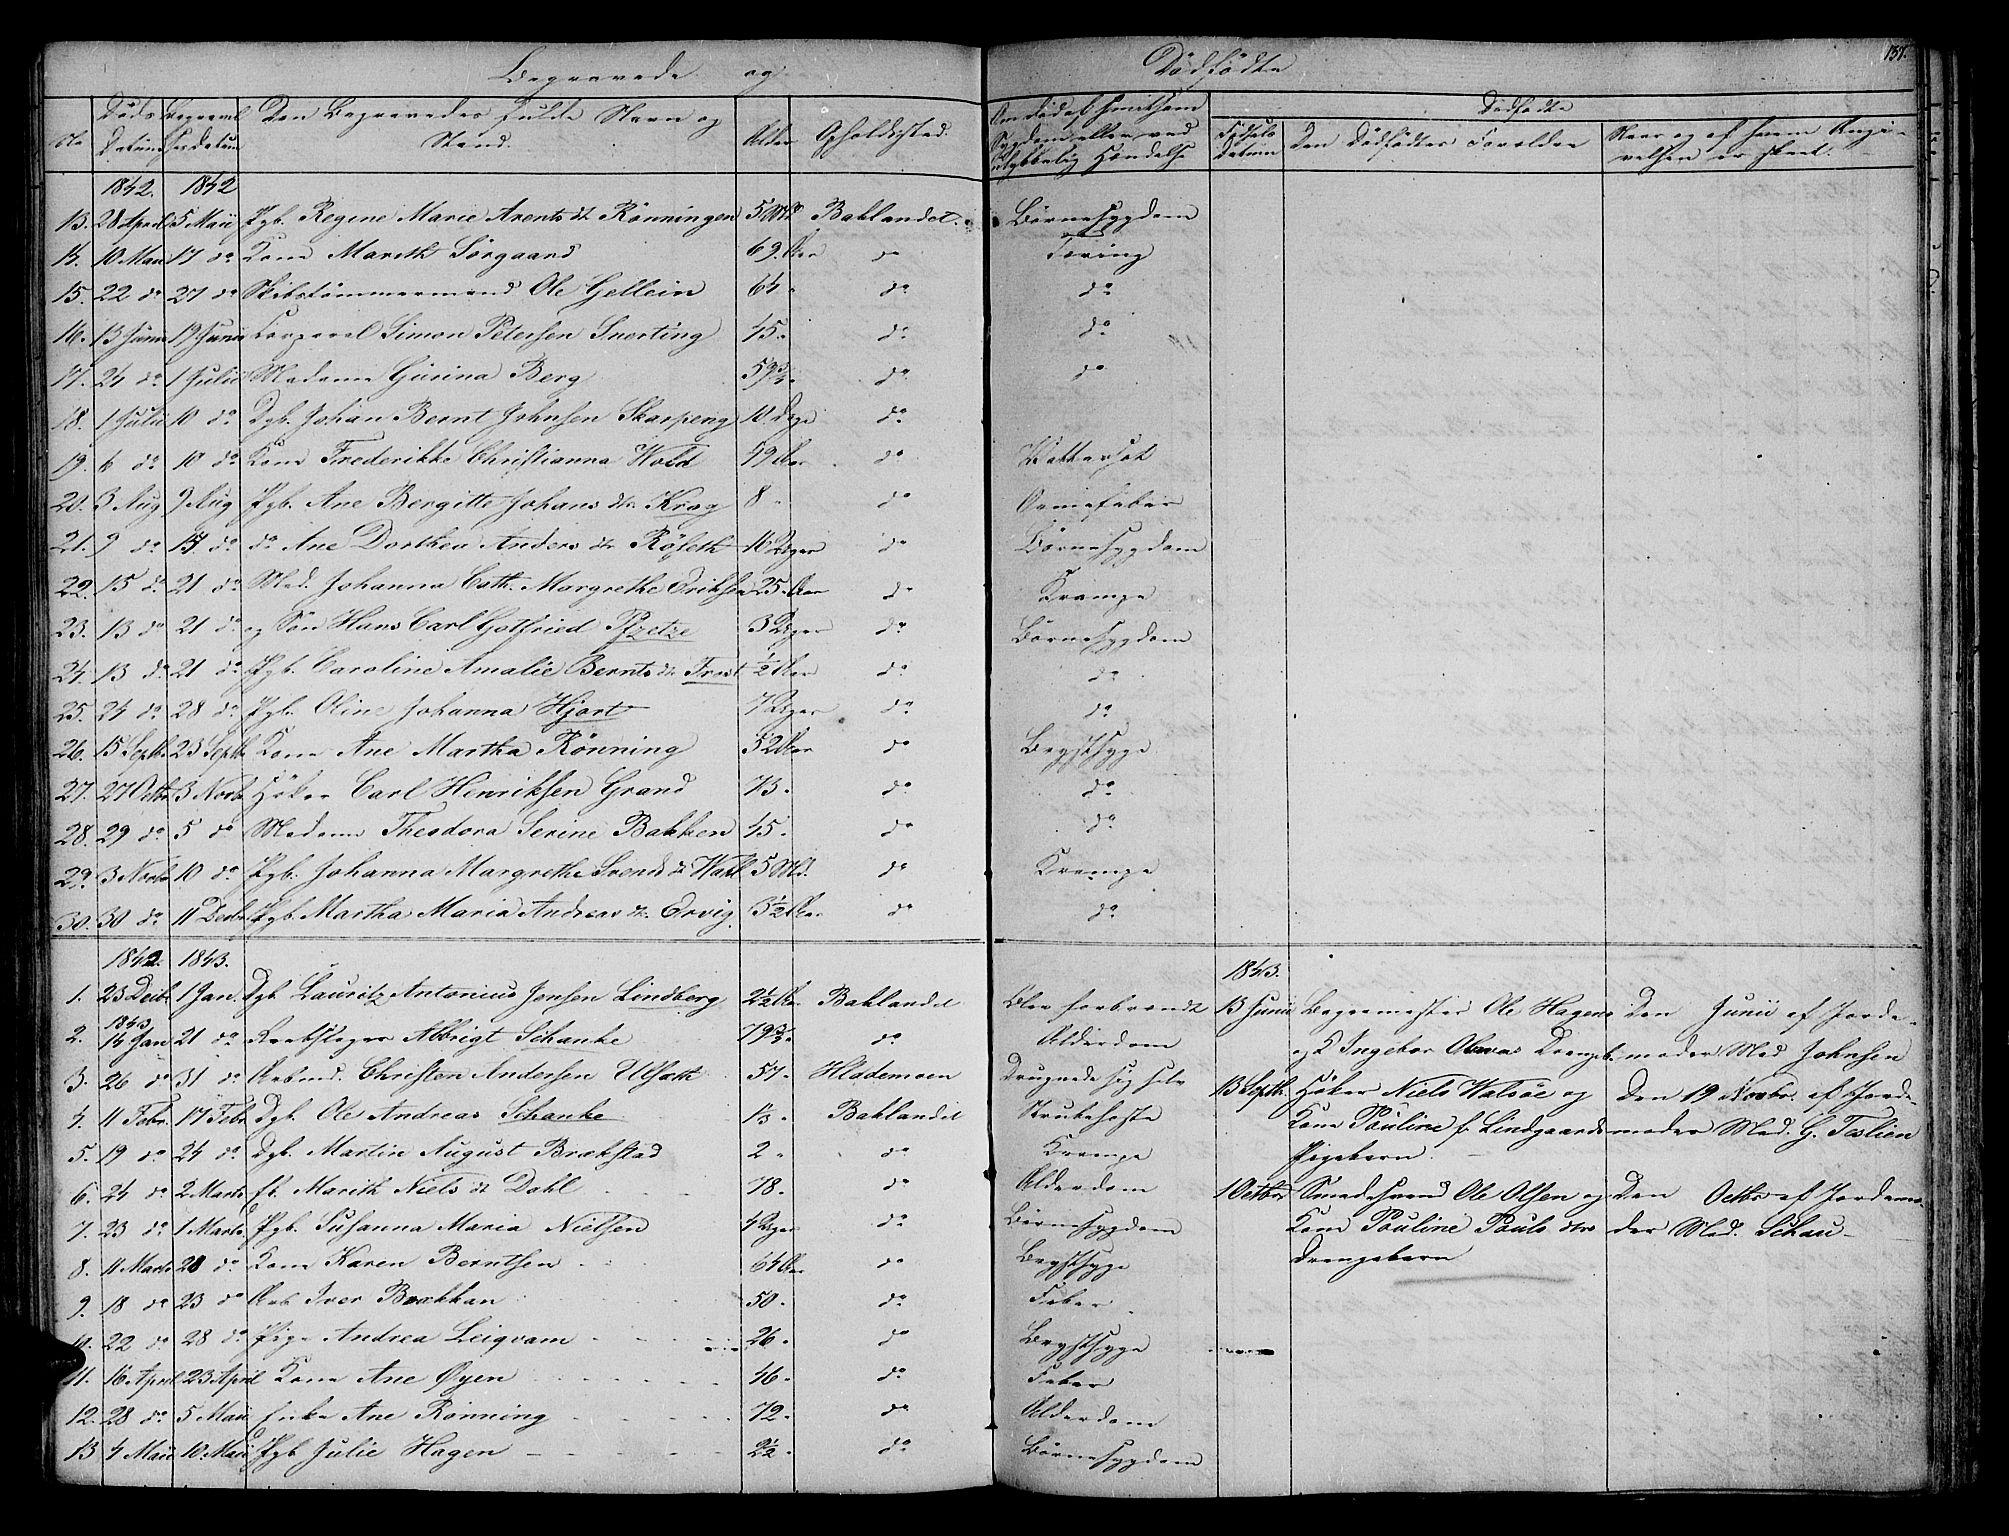 SAT, Ministerialprotokoller, klokkerbøker og fødselsregistre - Sør-Trøndelag, 604/L0182: Ministerialbok nr. 604A03, 1818-1850, s. 137